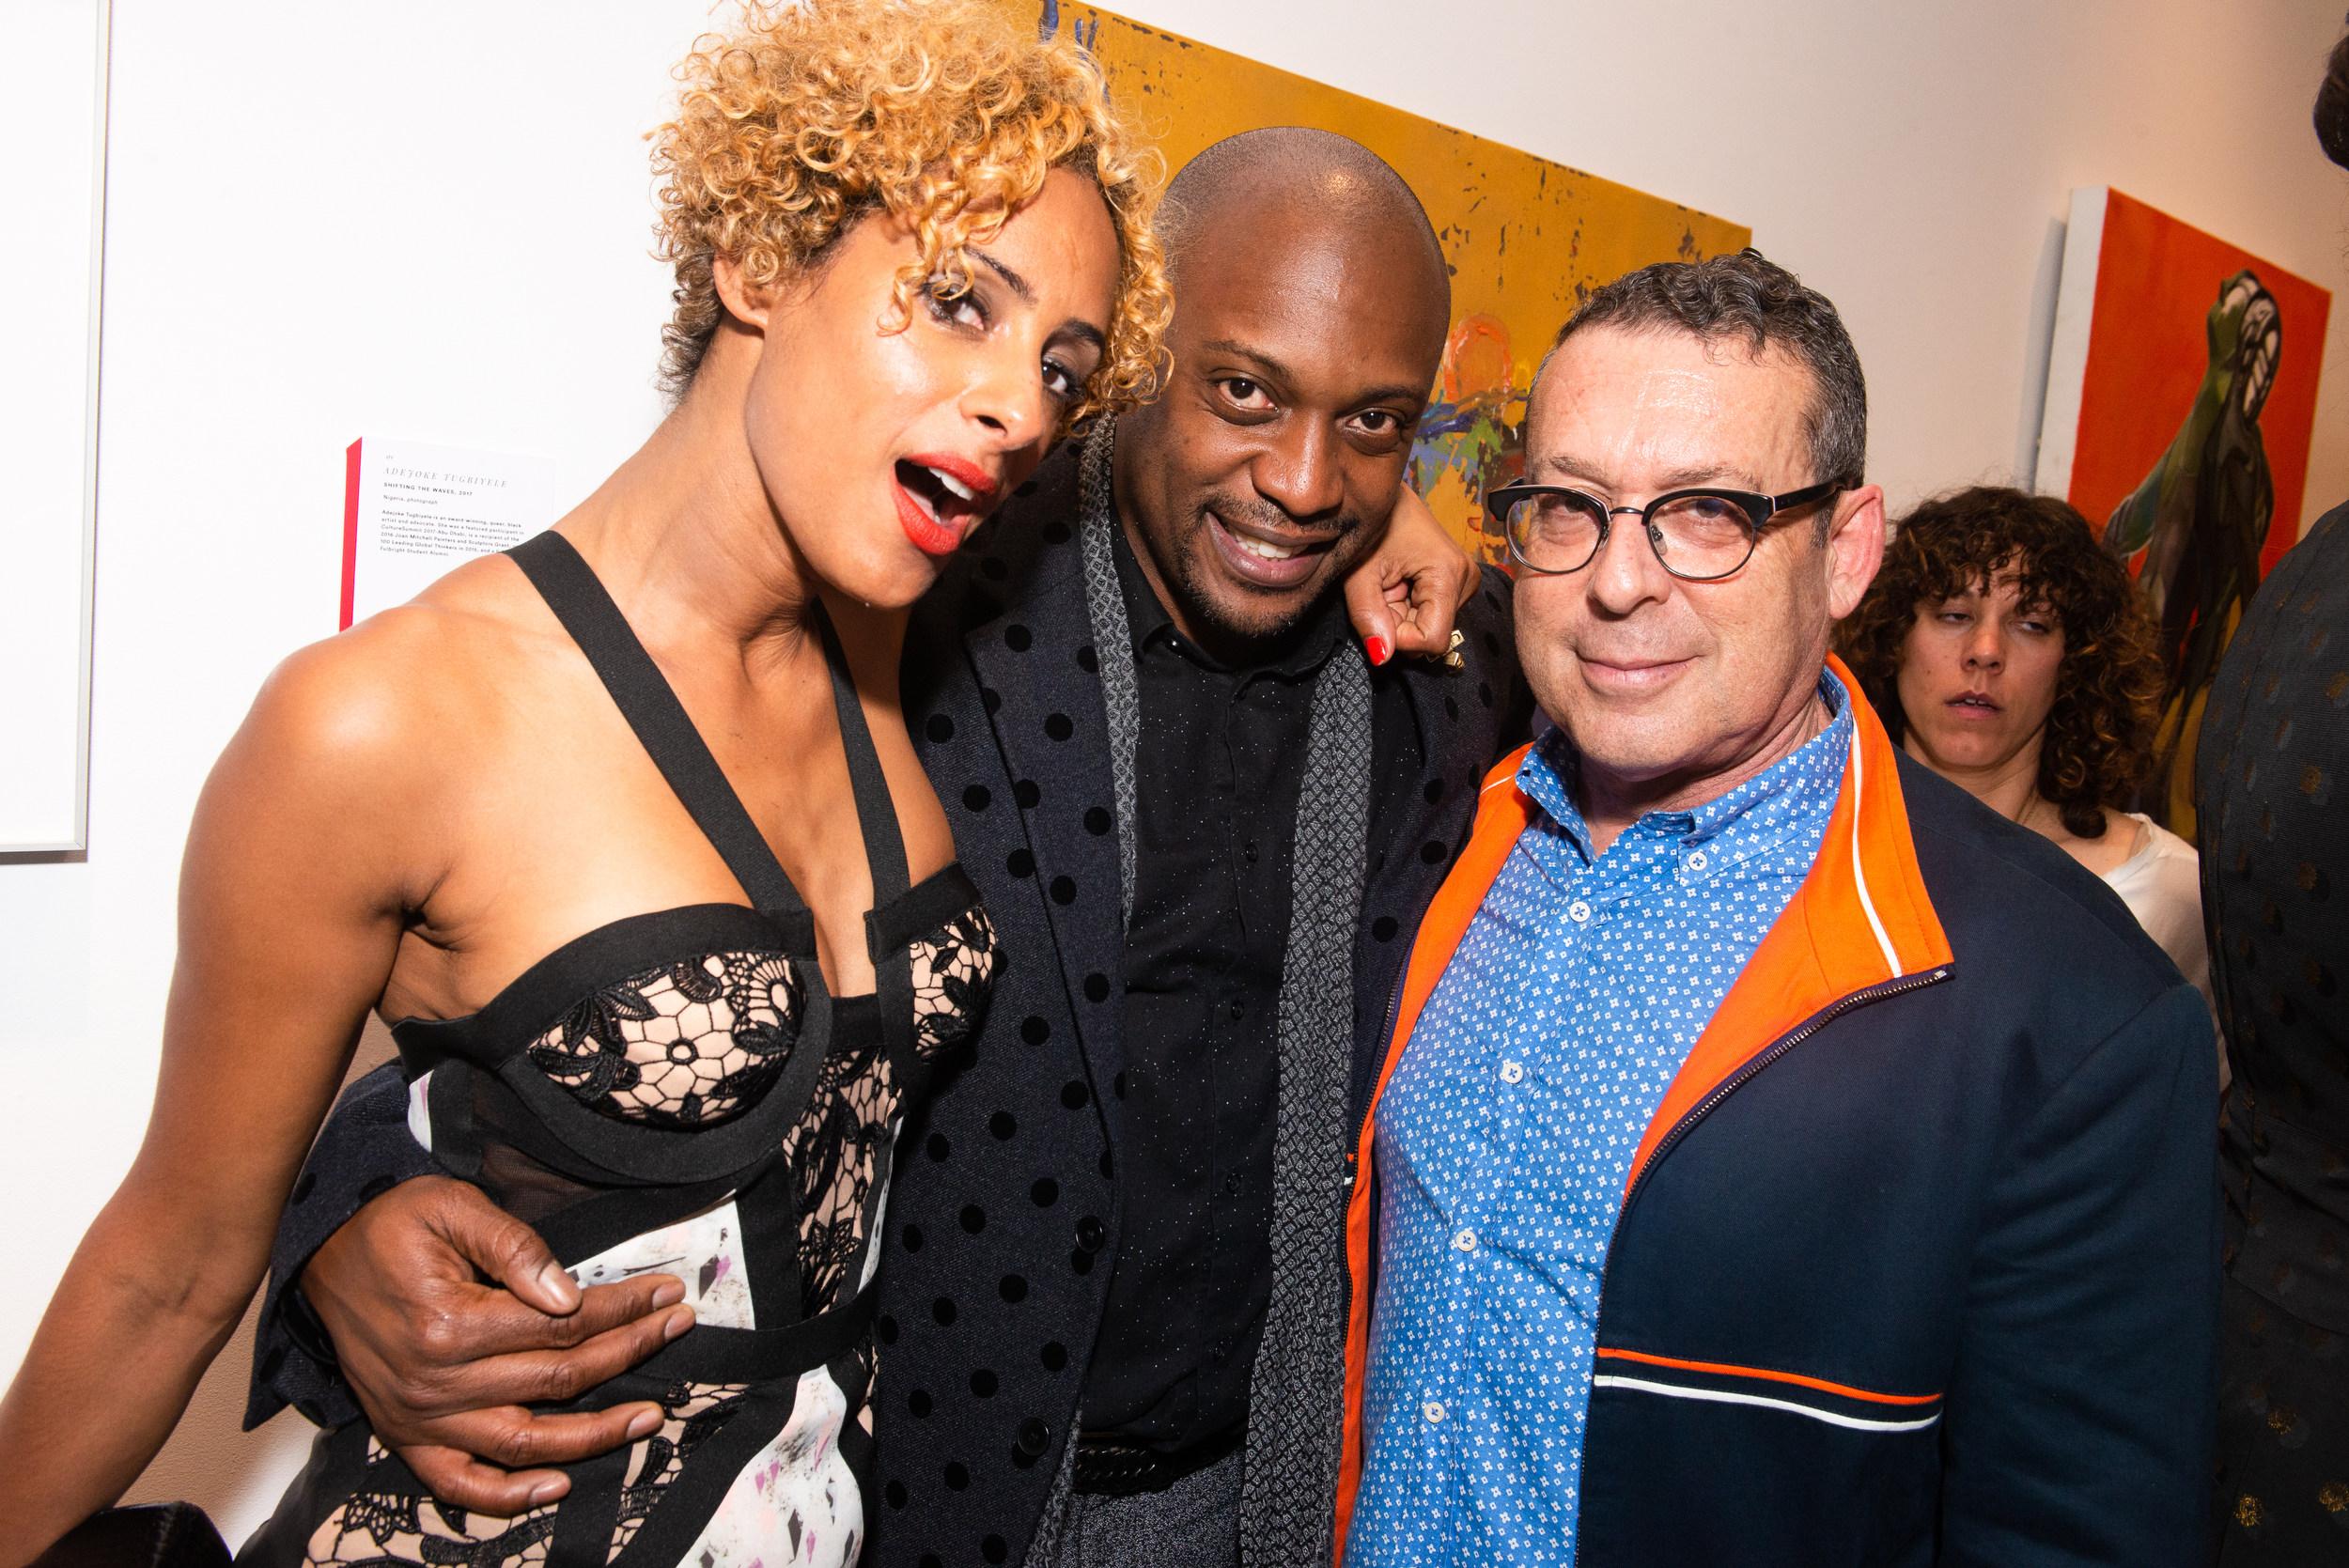 Delphine Diallo, Hank Willis Thomas, Jack Shainman. Photo by BFA.